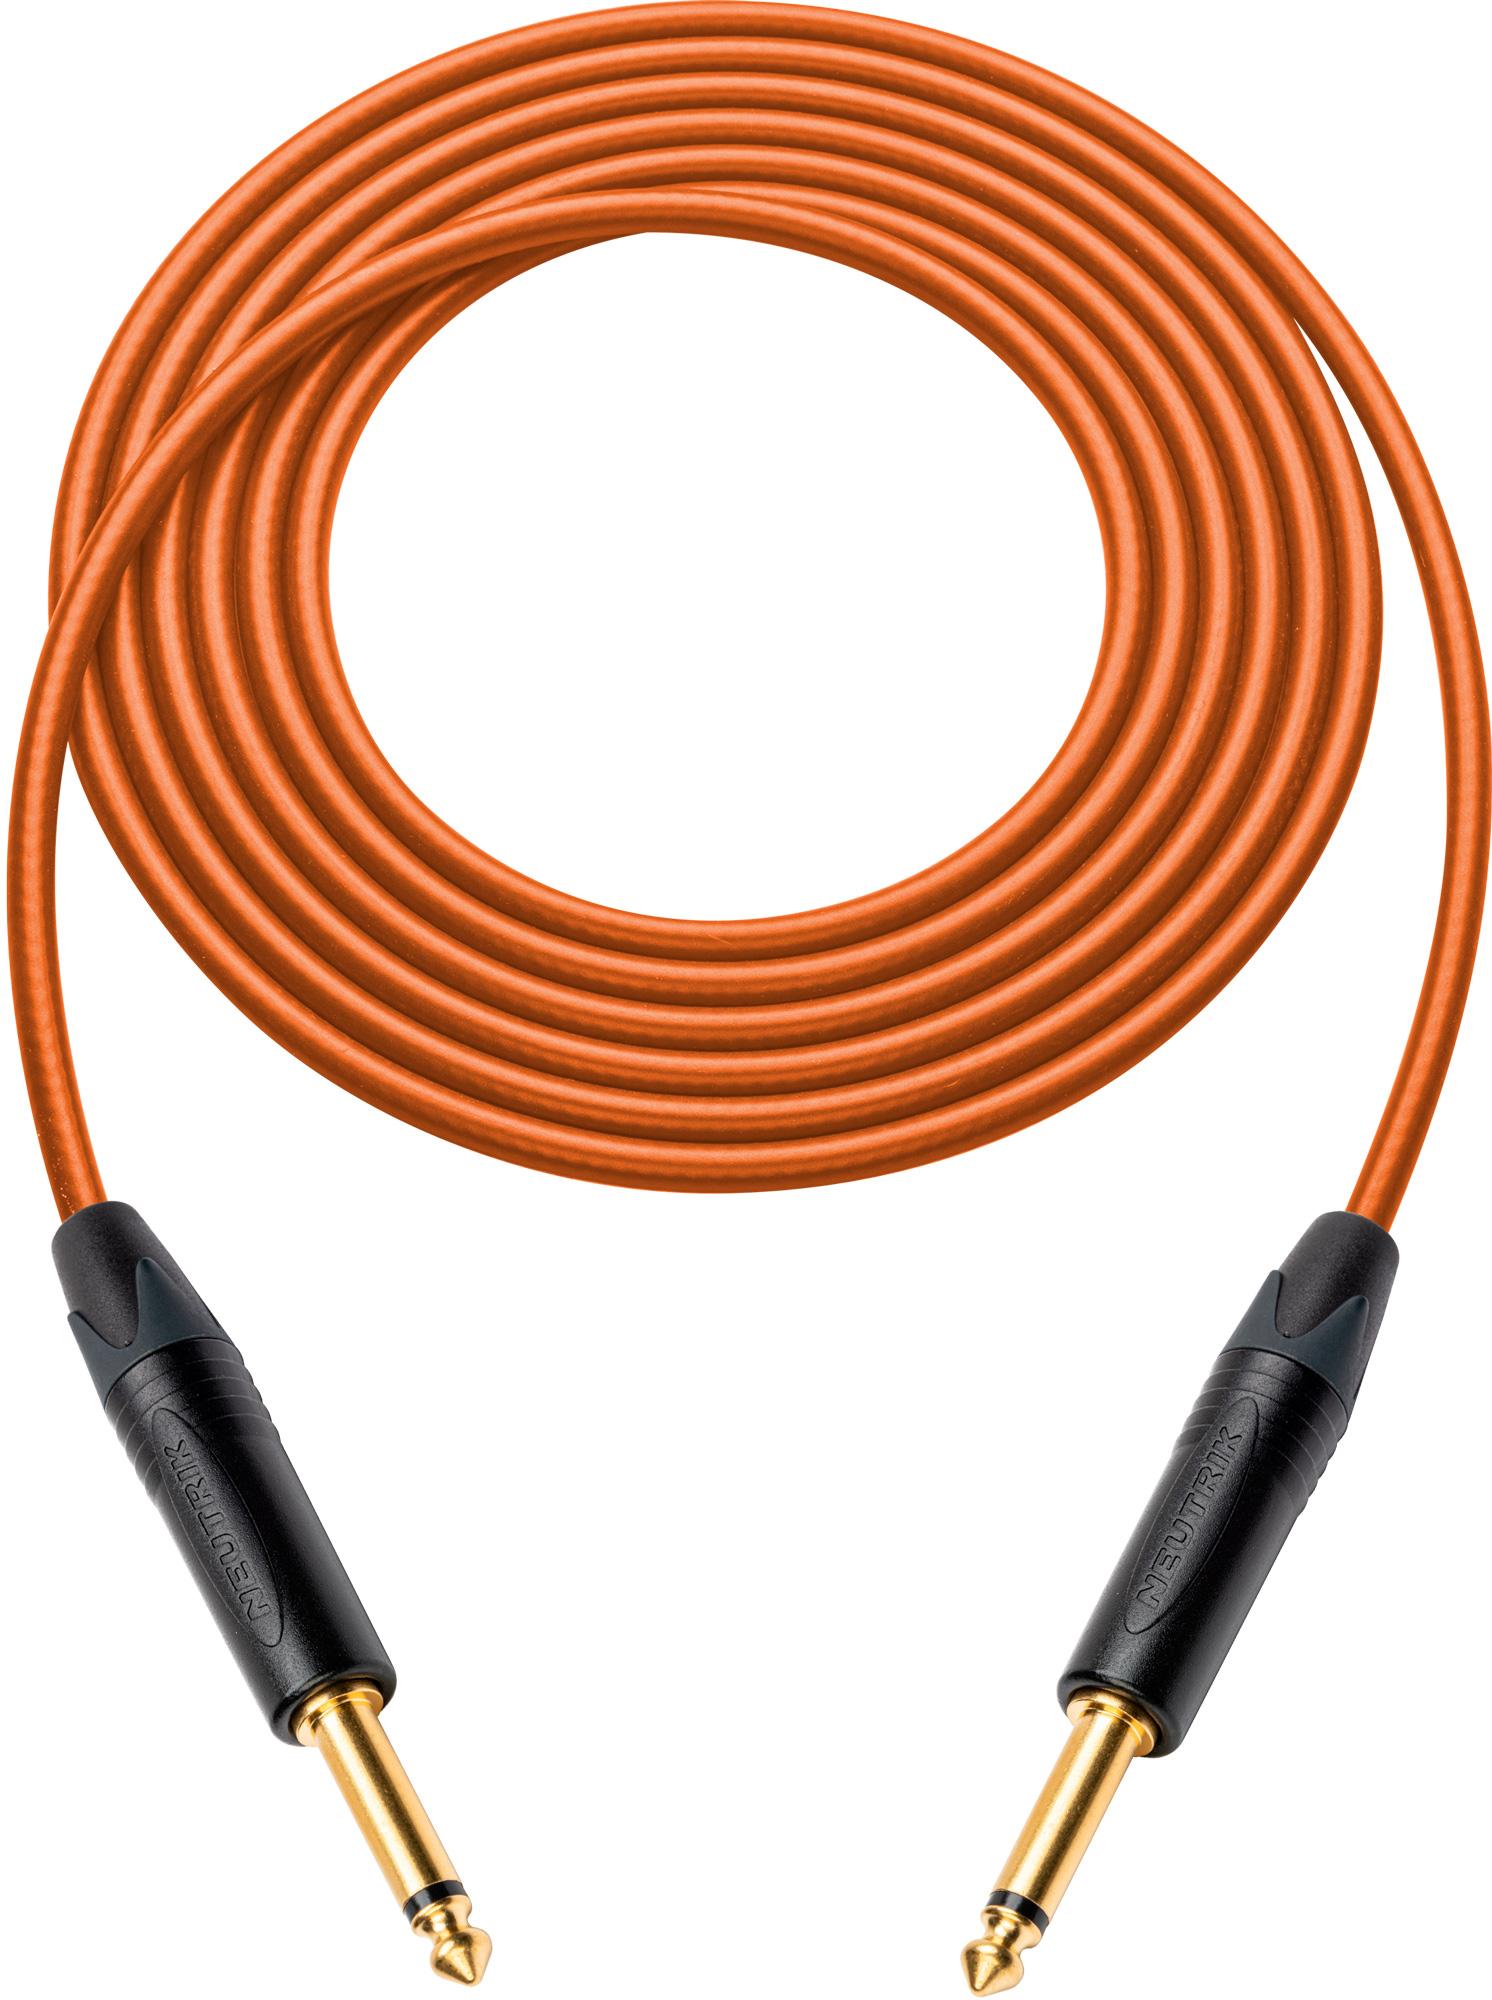 Canare GS-6 Instrument Cable w/Neutrik XS 1/4 Phone Plugs 50 Ft Orange